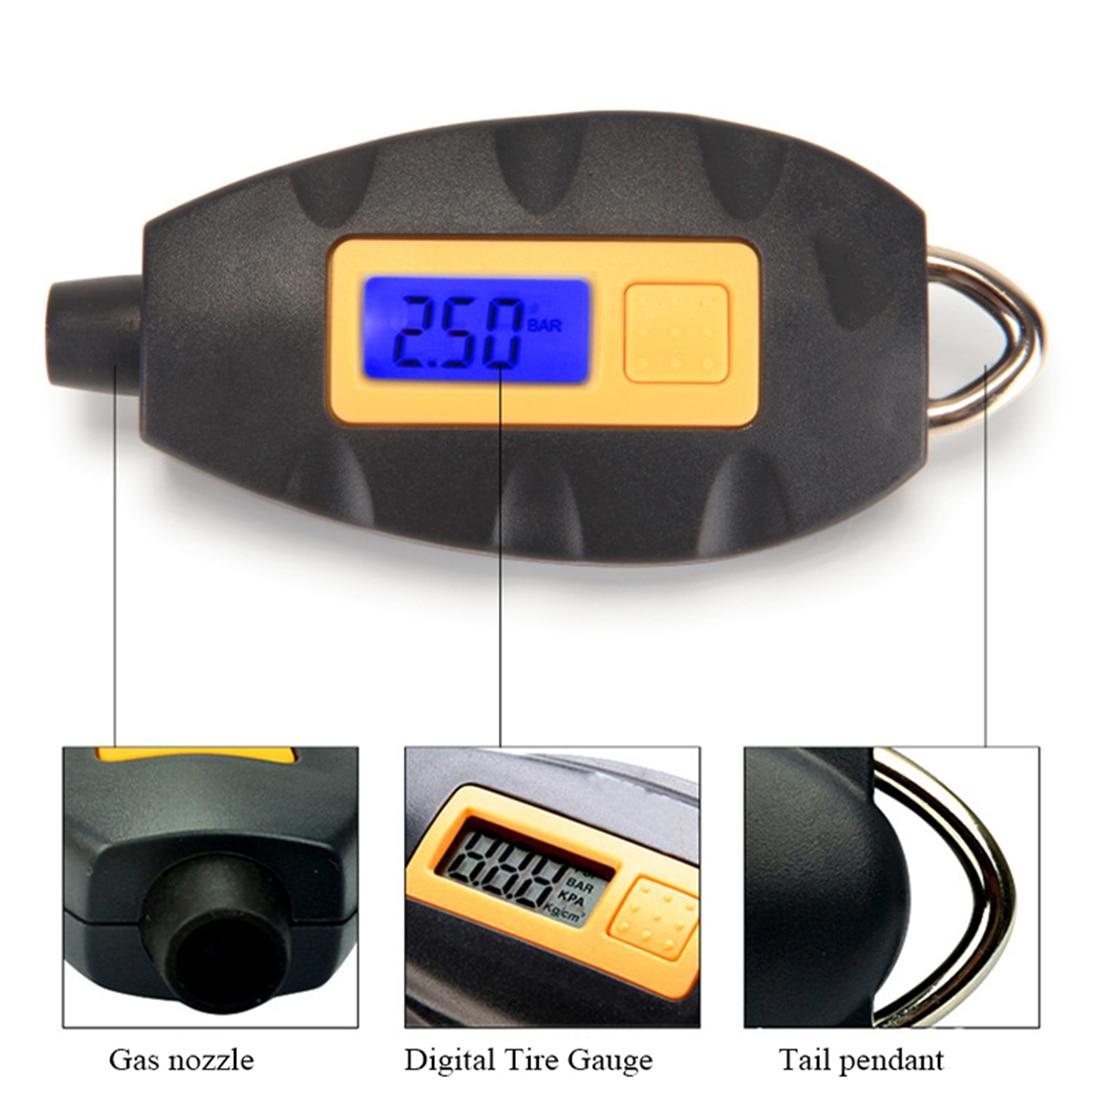 High LED Backlight Wheel Tire Tyre Air Pressure Gauge Tester Digital Auto Meter Tool Vehicle Motorcycle Car 3-100 PSI KPA BAR